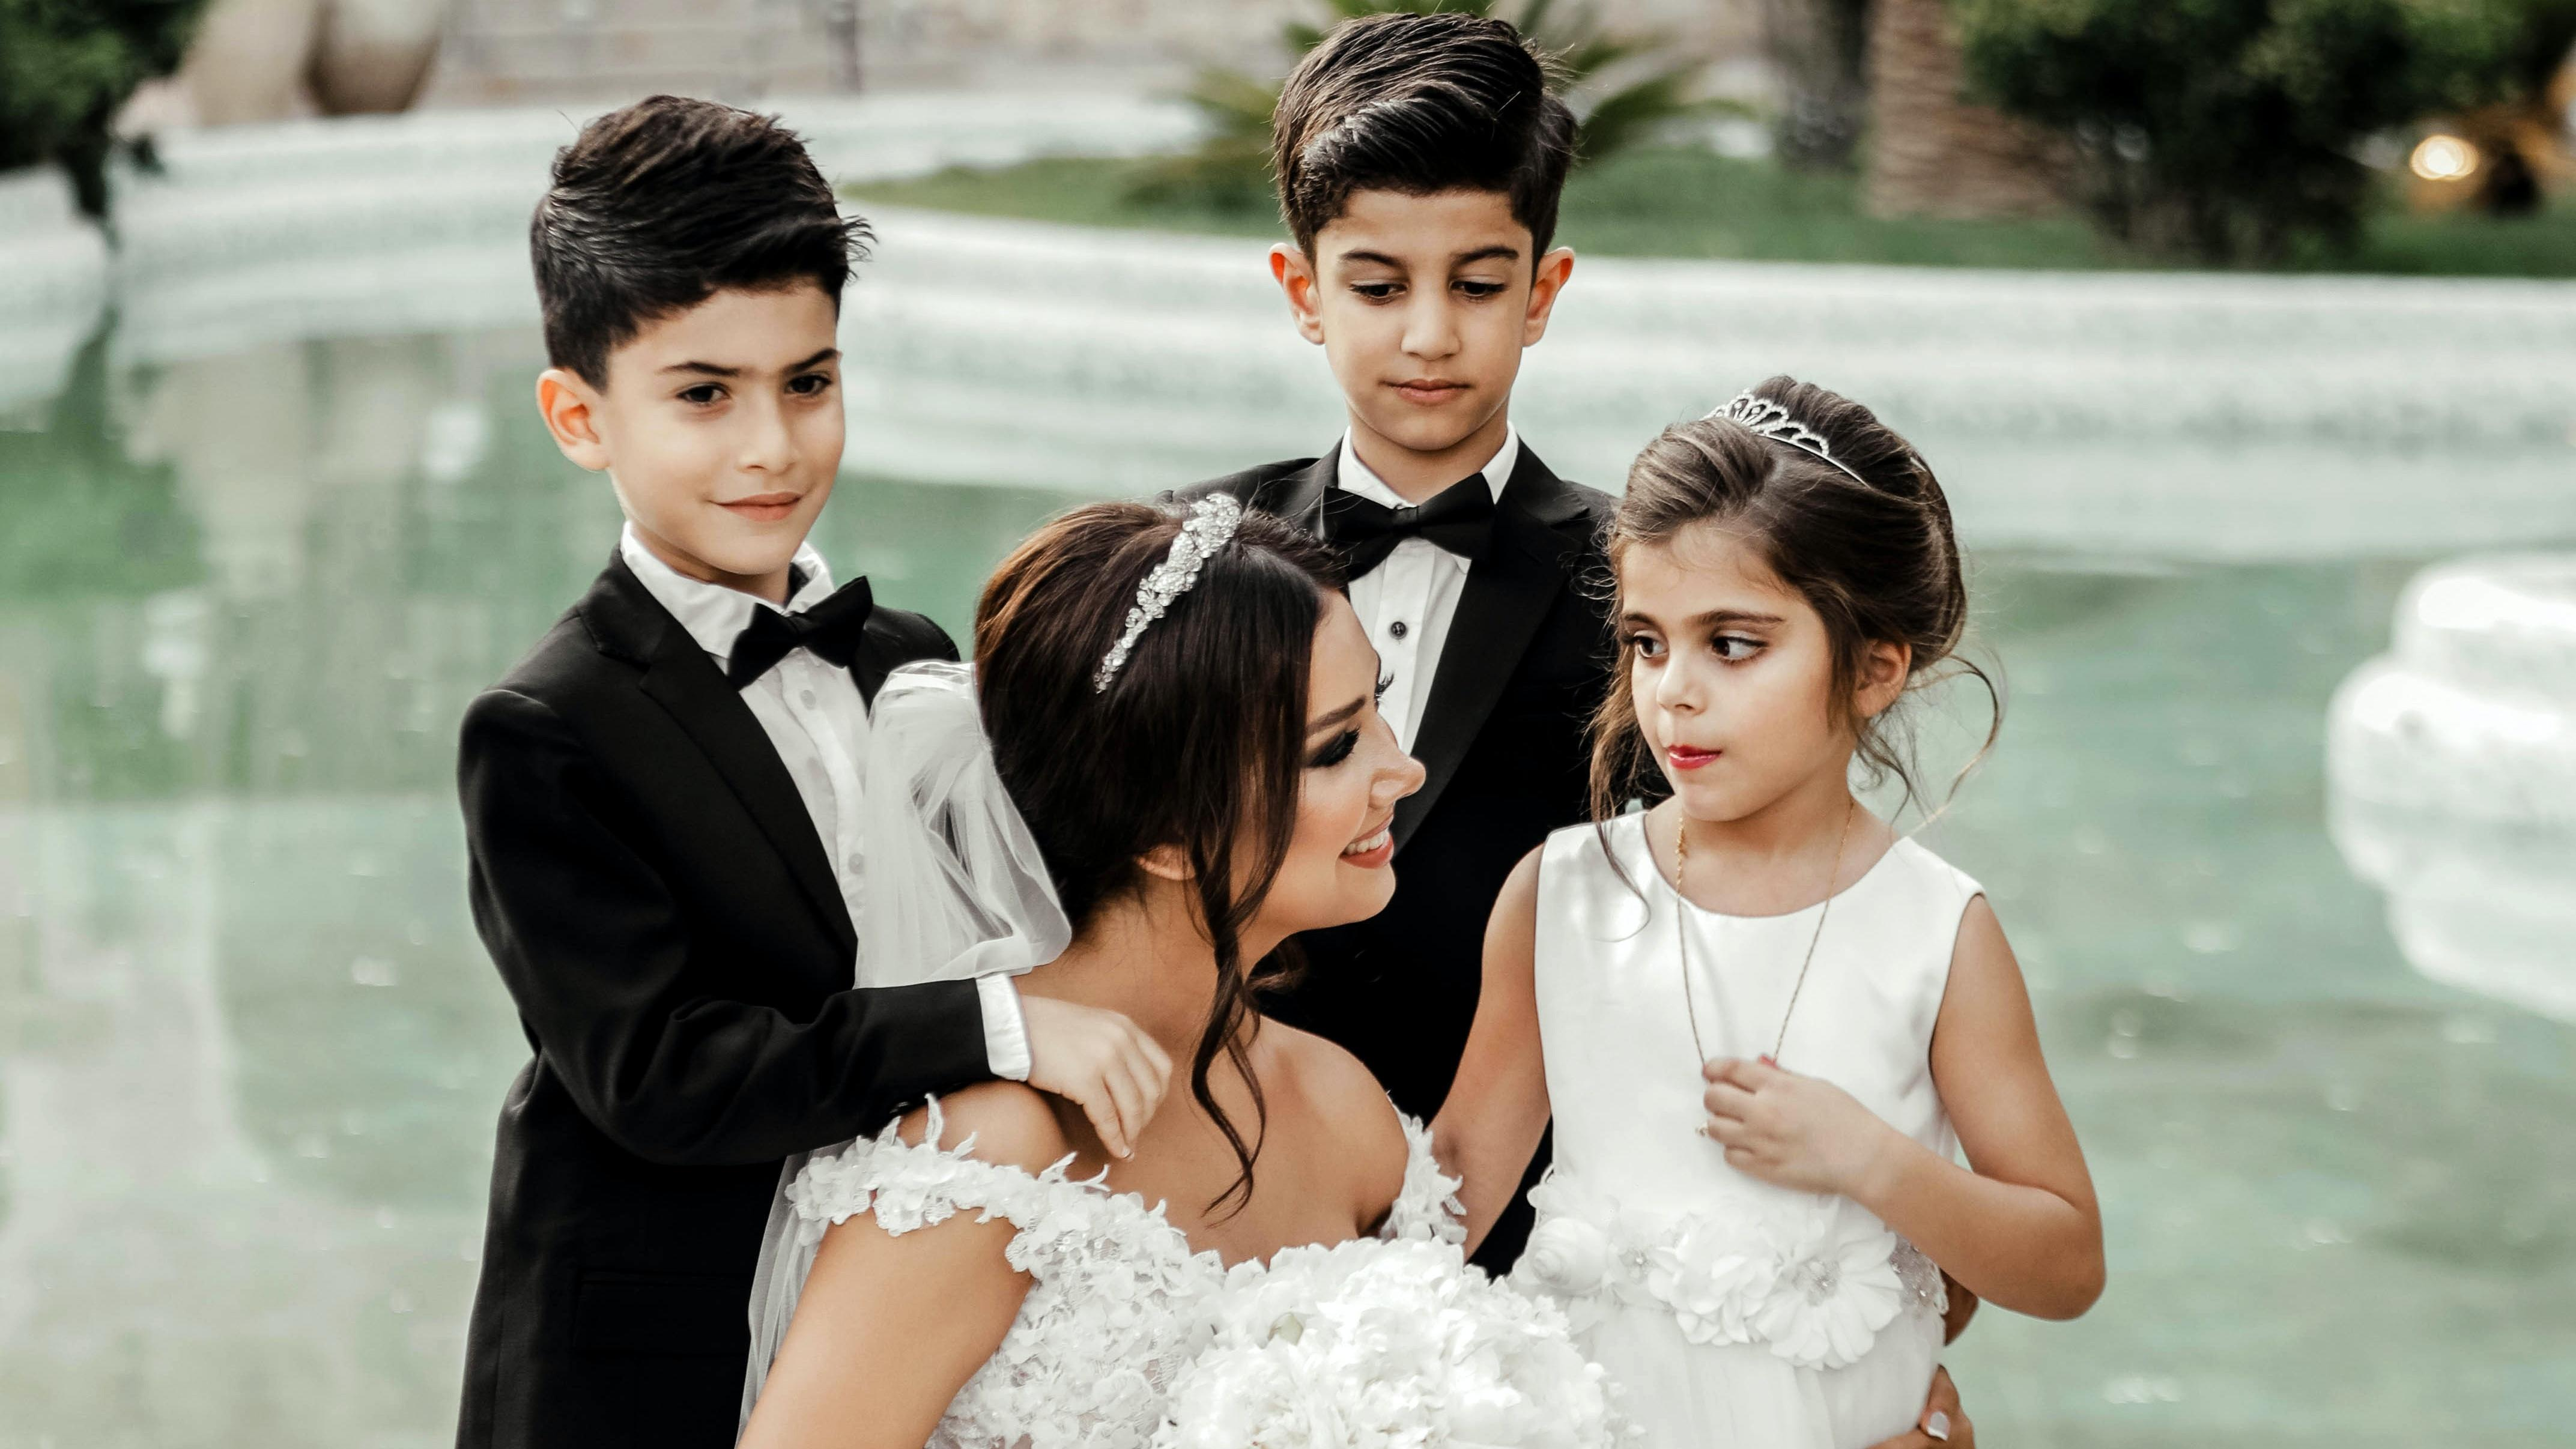 Kinderbetreuung während Hochzeit: Tipps zur Kinderbeschäftigung